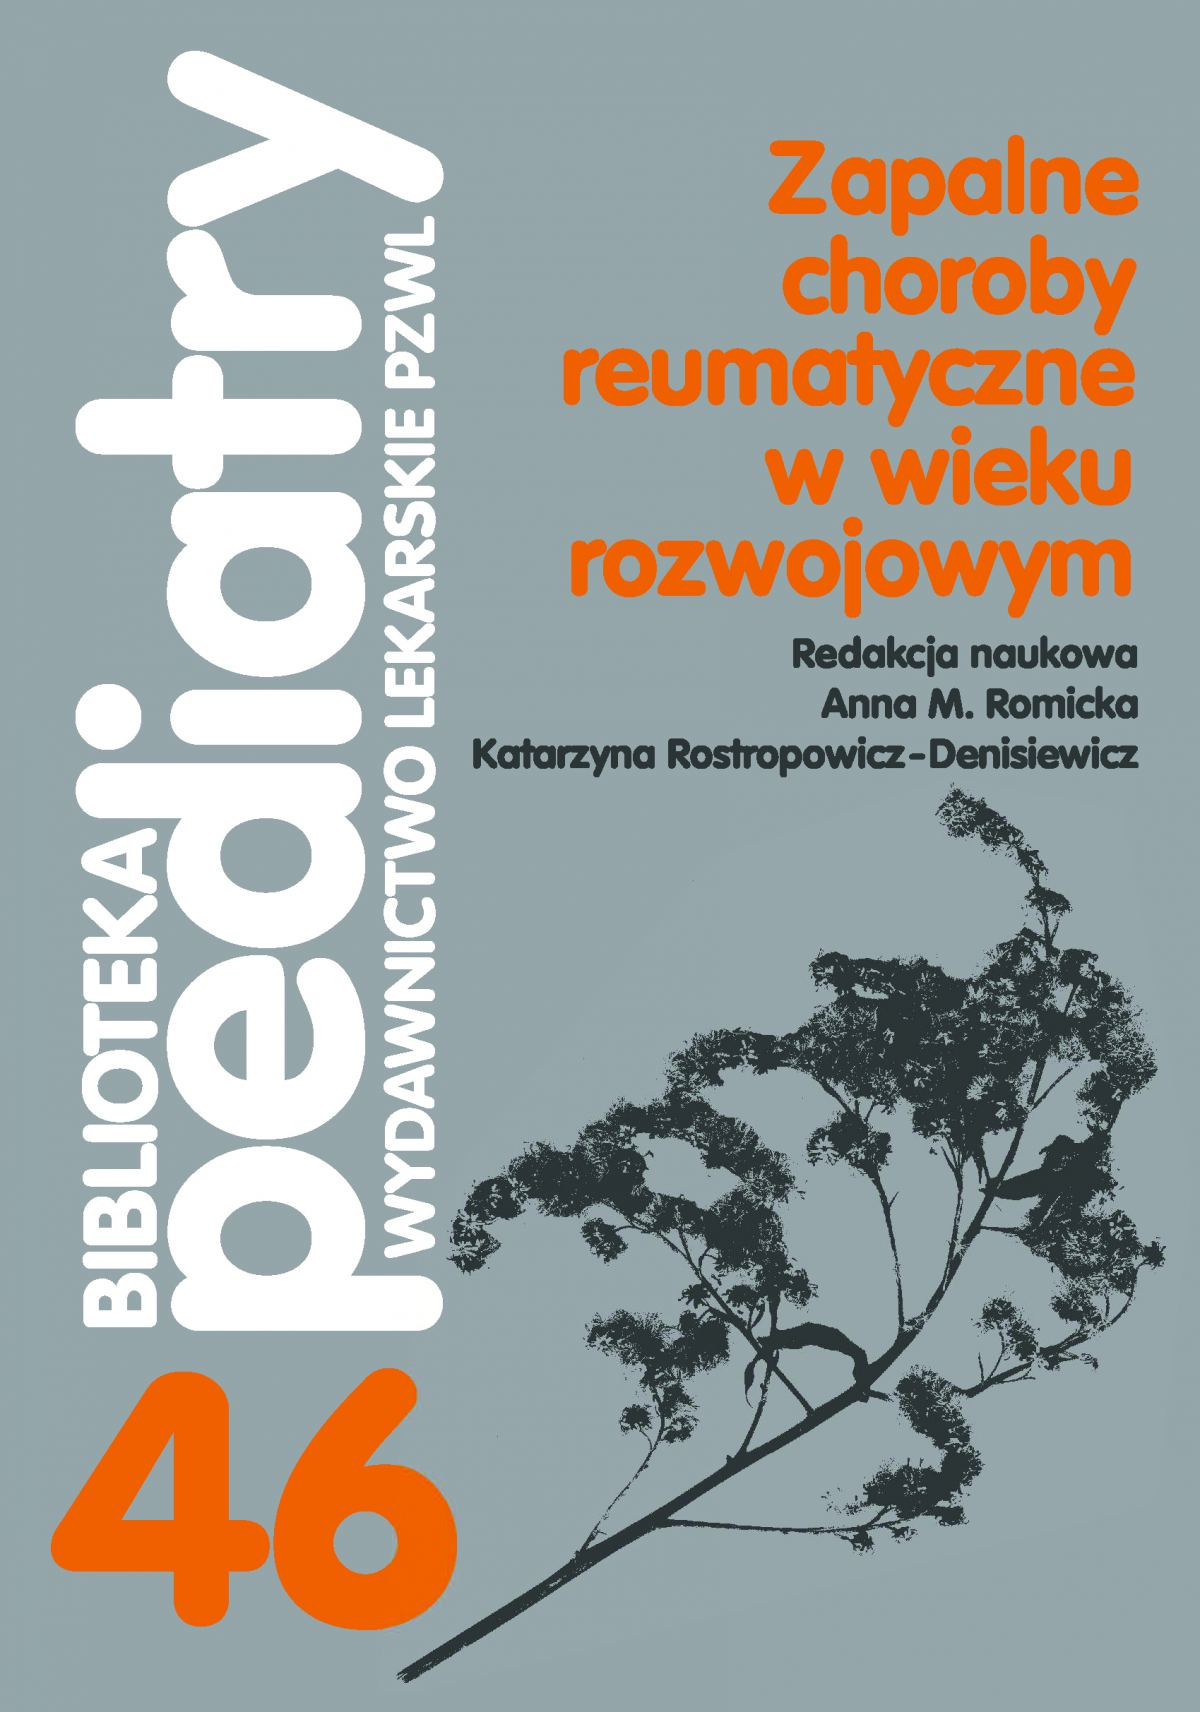 Zapalne choroby reumatyczne w wieku rozwojowym - Ebook (Książka EPUB) do pobrania w formacie EPUB